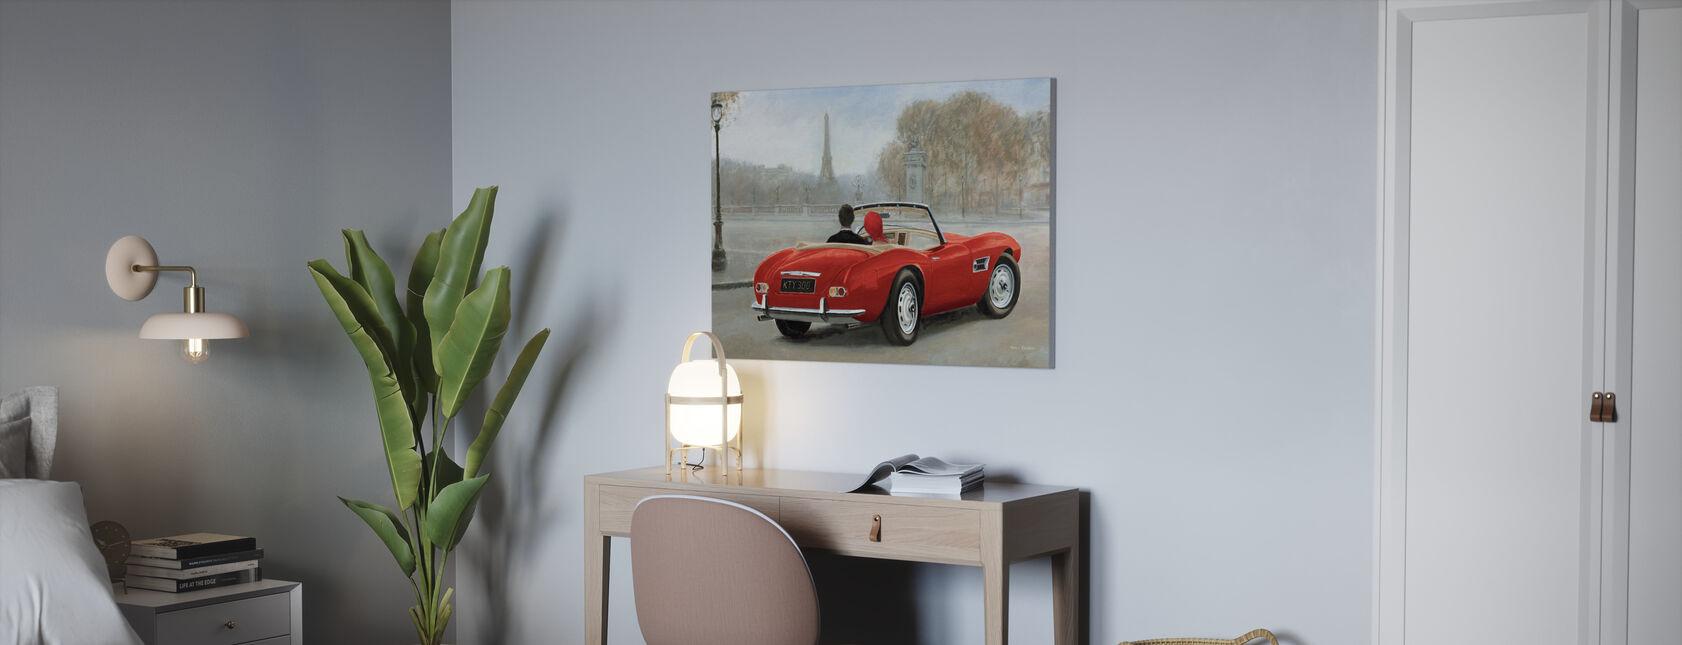 Ratsastus Pariisissa III Punainen auto - Canvastaulu - Toimisto